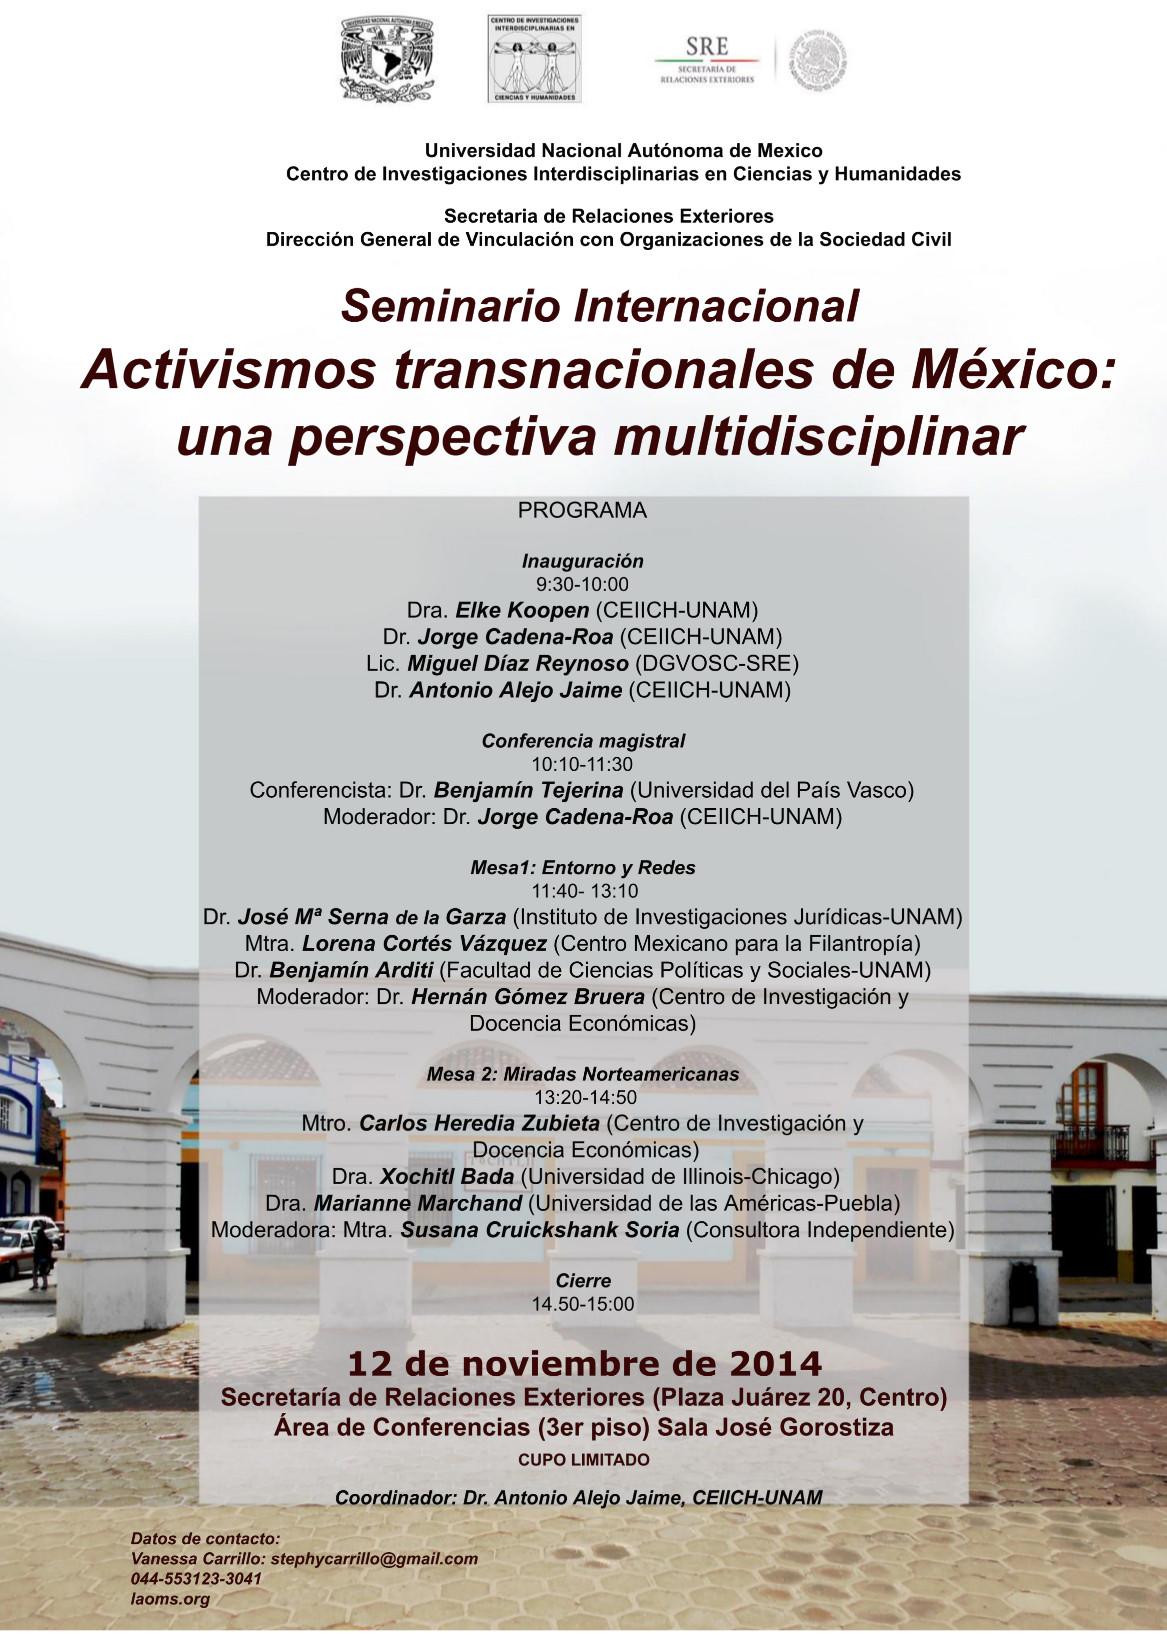 Activismos transnacionales de México UNAMCEIICH-SRE